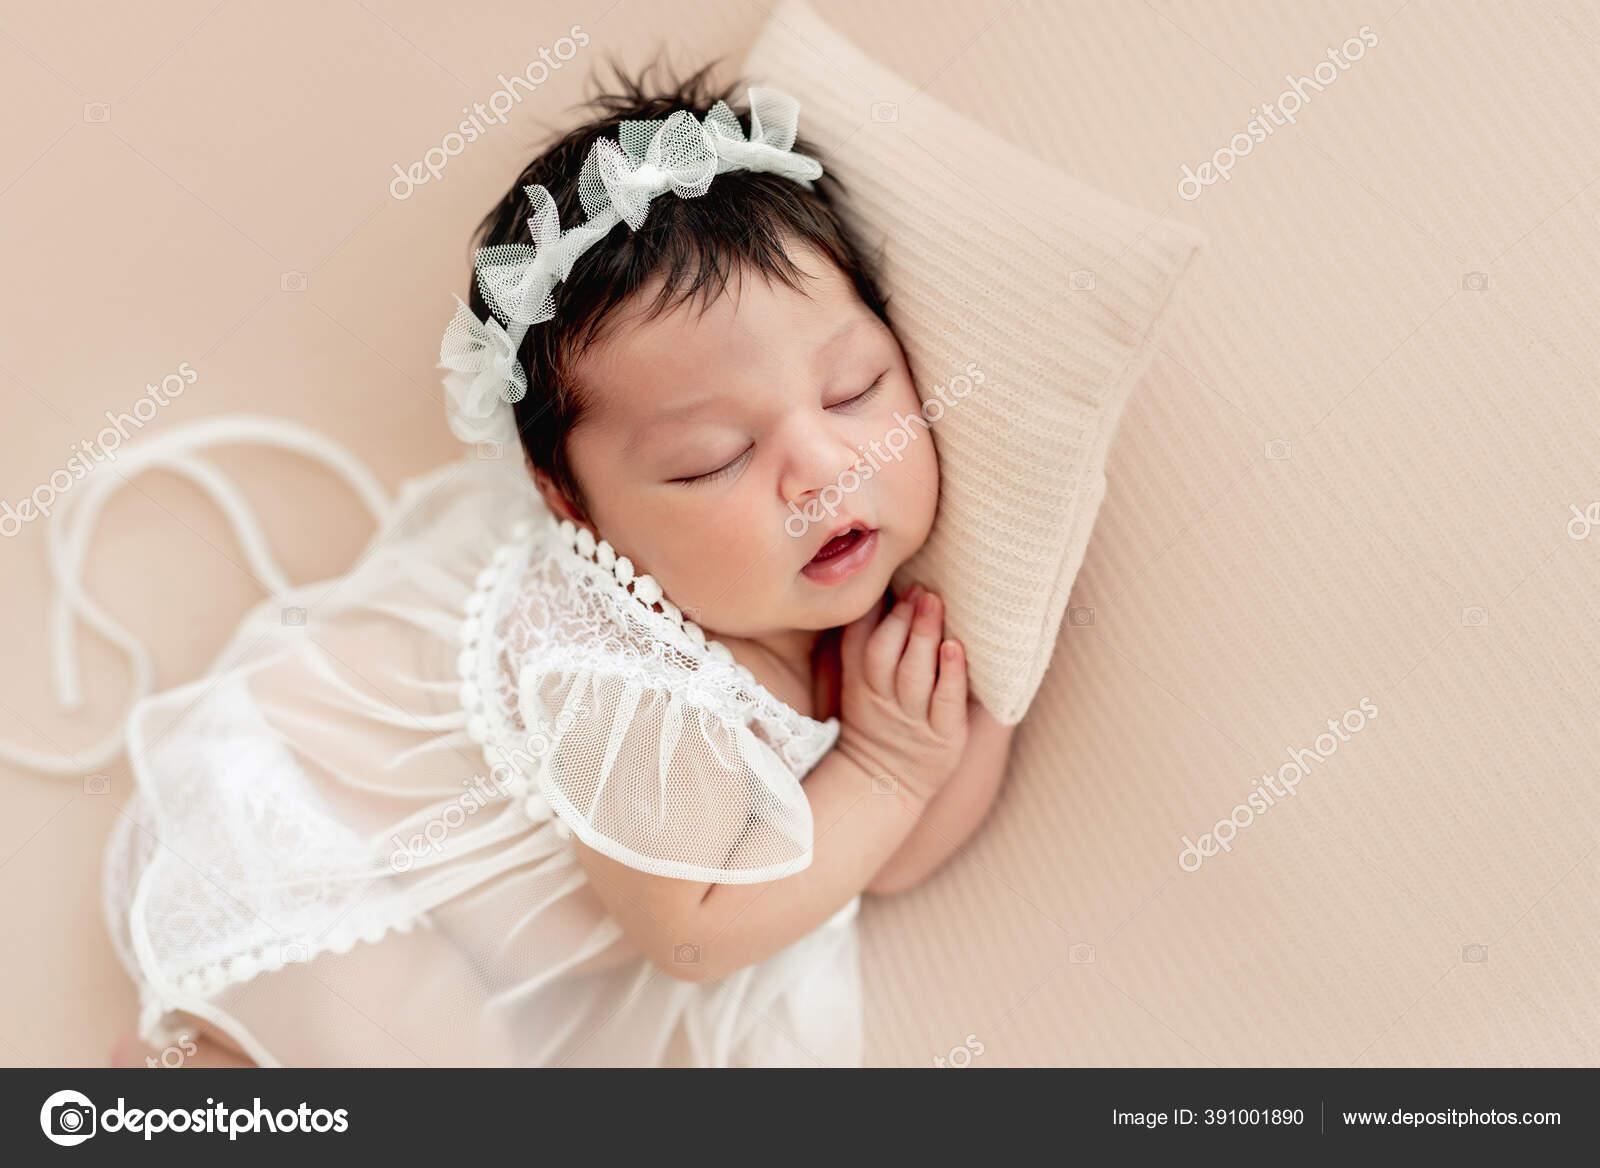 Bayi Lucu Yang Baru Lahir Tidur Di Samping Stok Foto C Tan4ikk 391001890